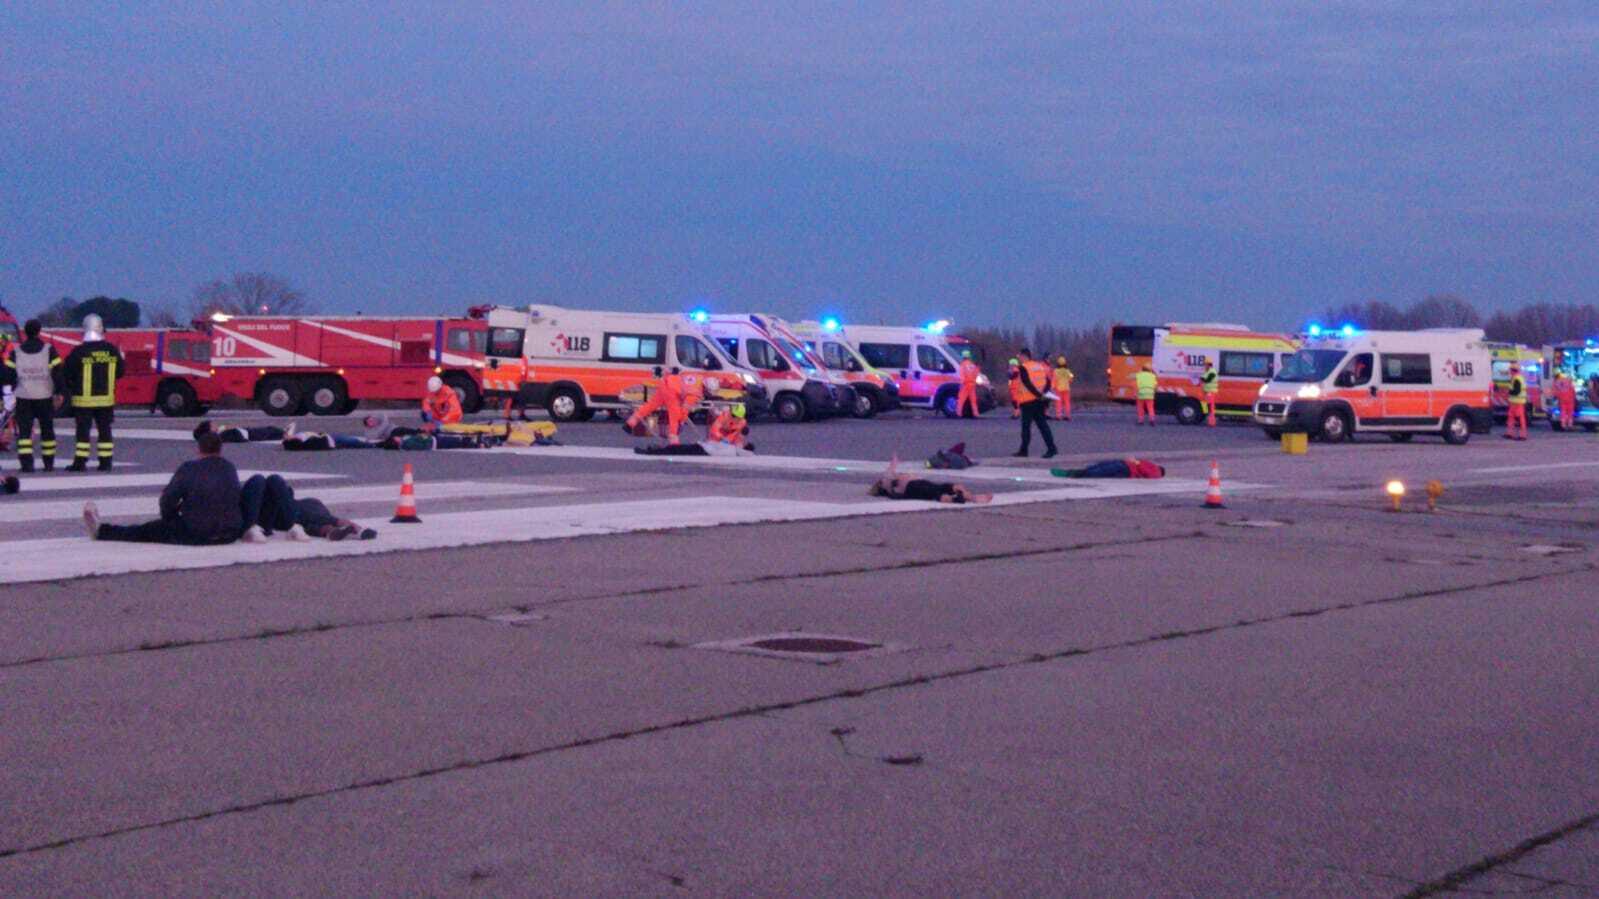 Disastro aereo a Rimini. Ma per fortuna è solo un'esercitazione